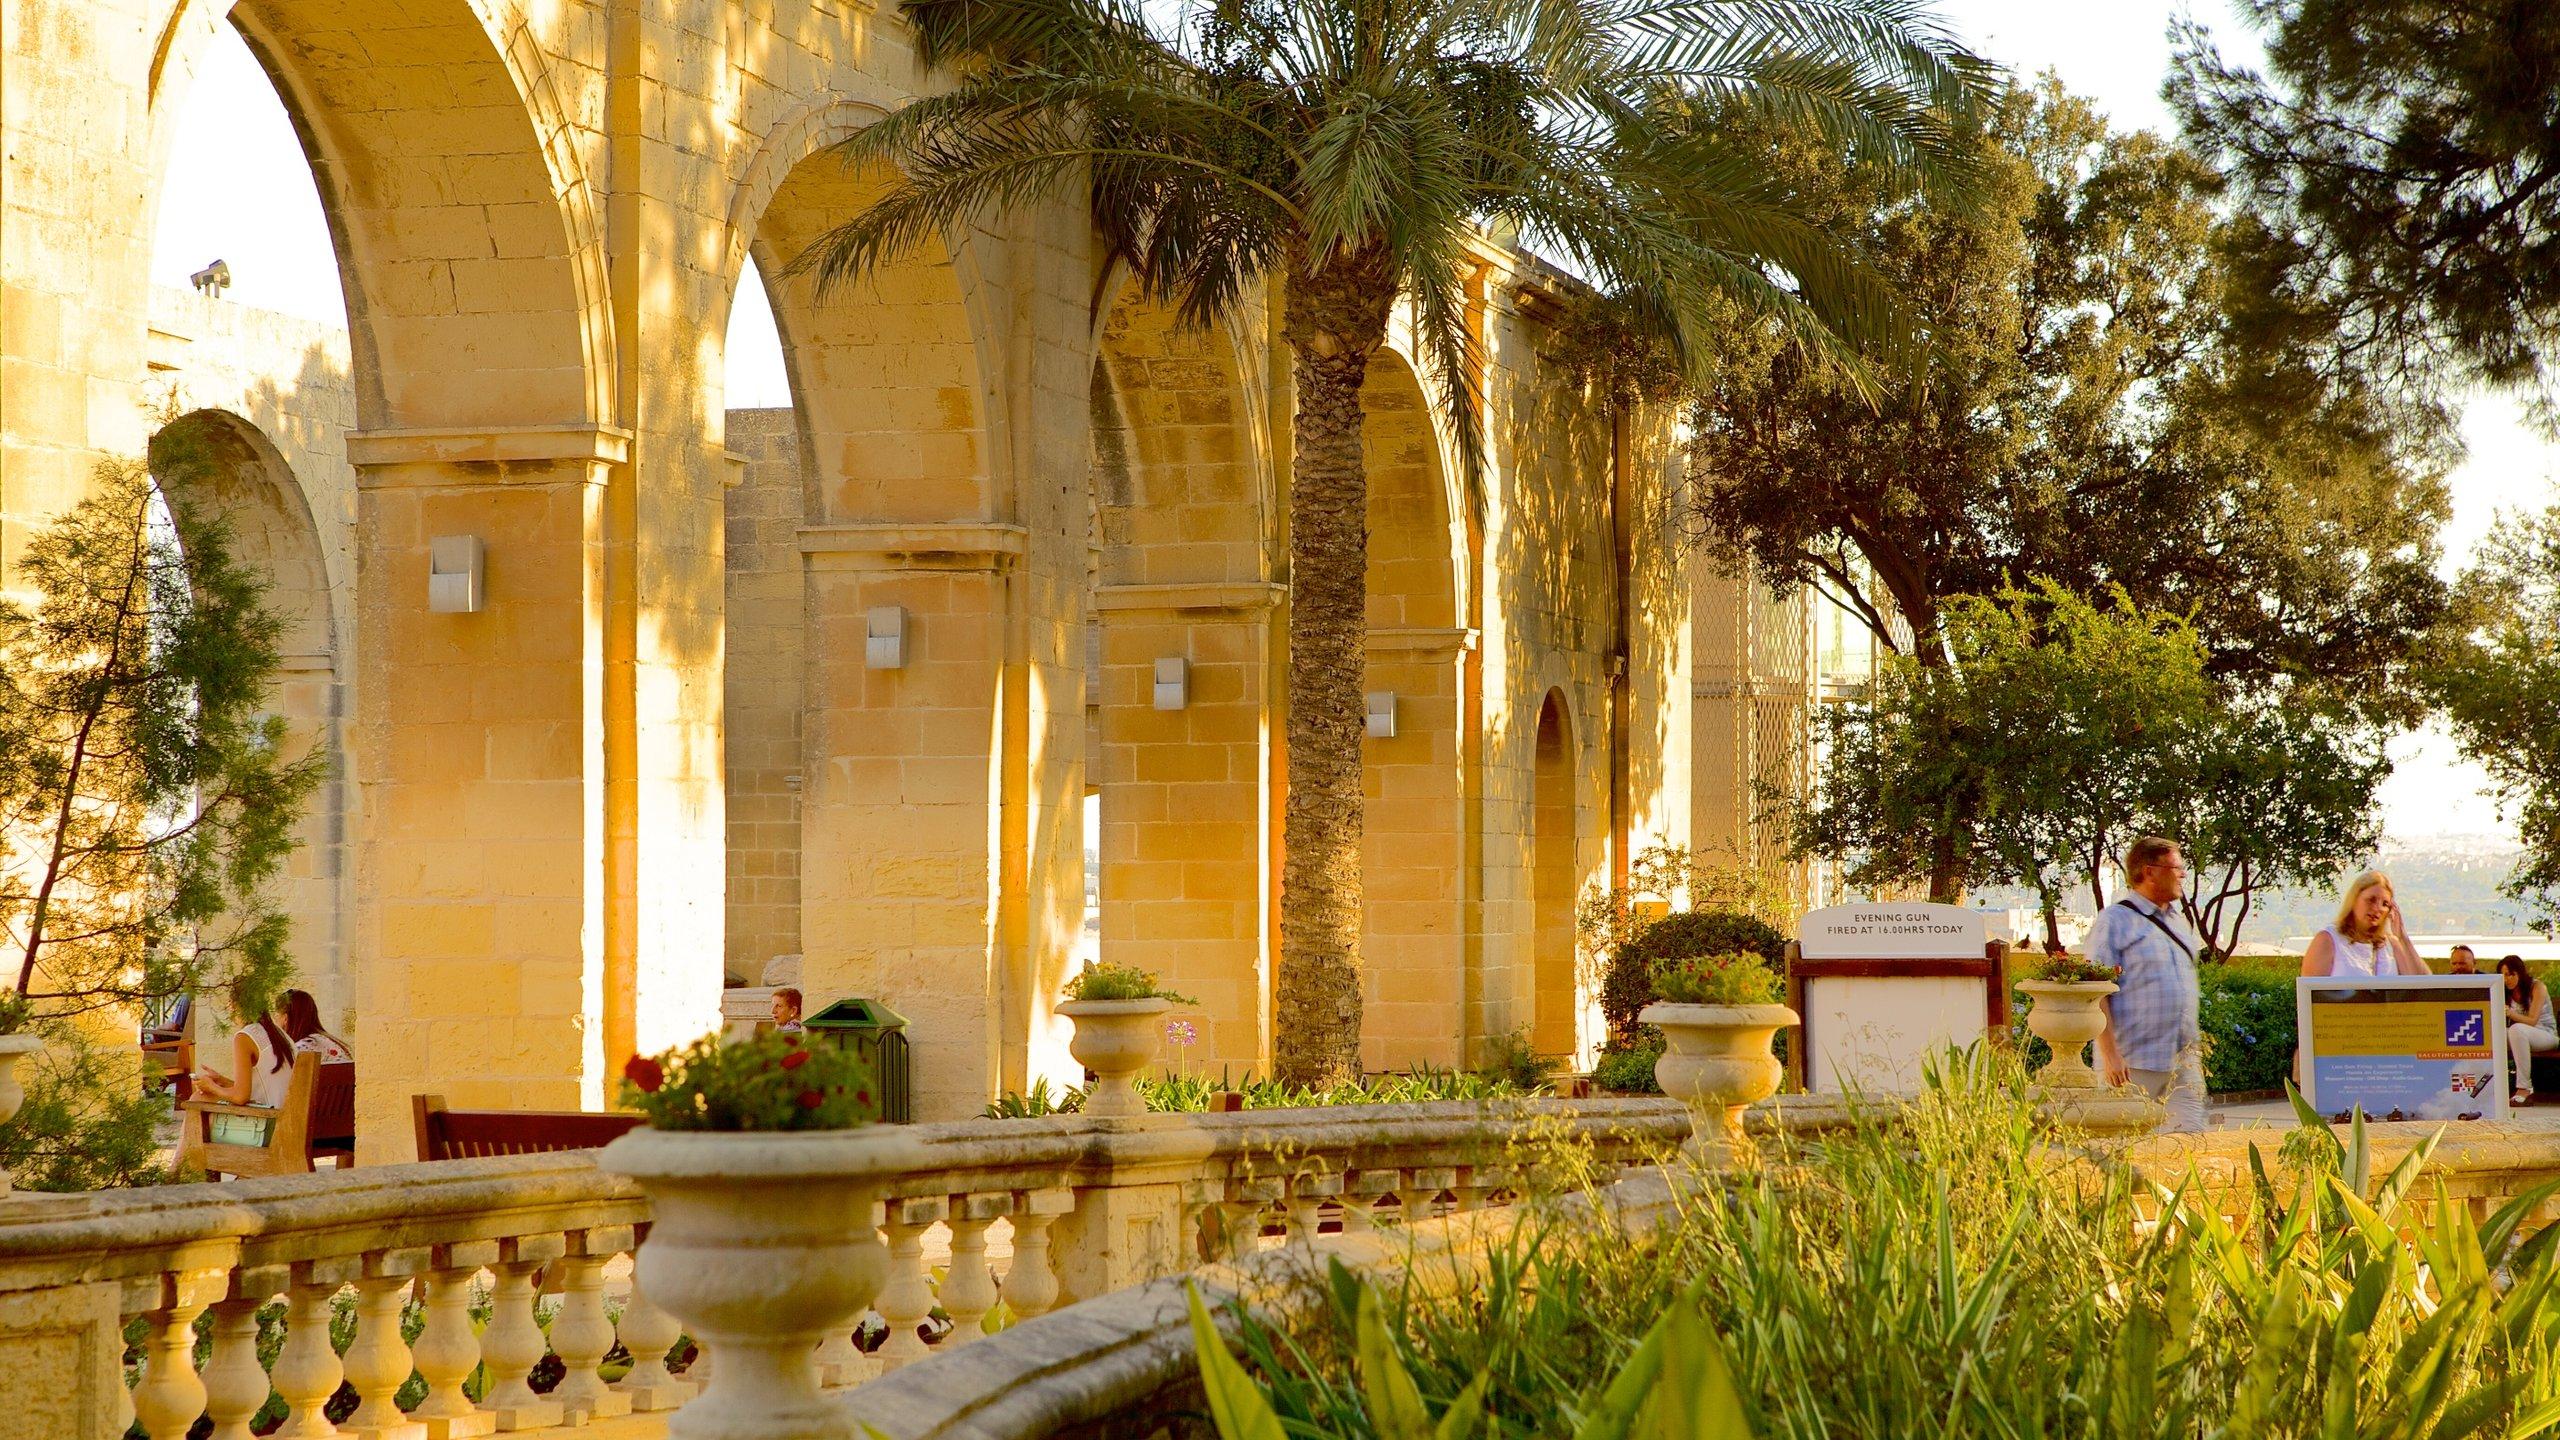 Hoch über dem Grand Harbour von Valletta liegt dieser herrliche Park voller Blumen und Statuen, von dem jeden Tag ein Salutschuss aus einer Kanone abgefeuert wird.